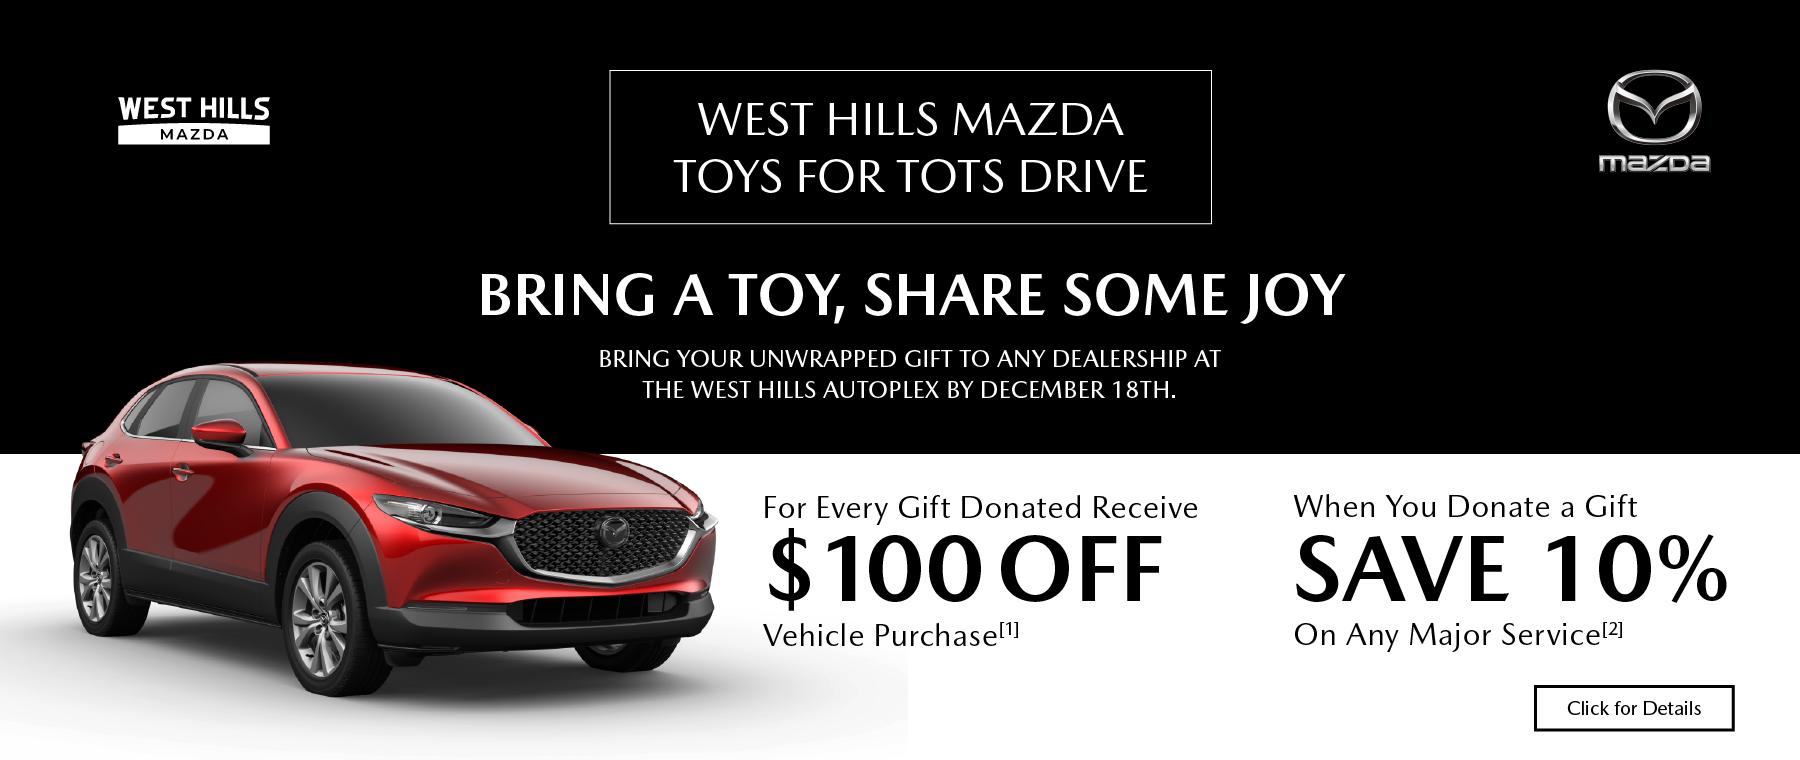 11731 – NOV20 – WHAP – Toys for Tots – Webslides_Mazda – 1800×760 (1)